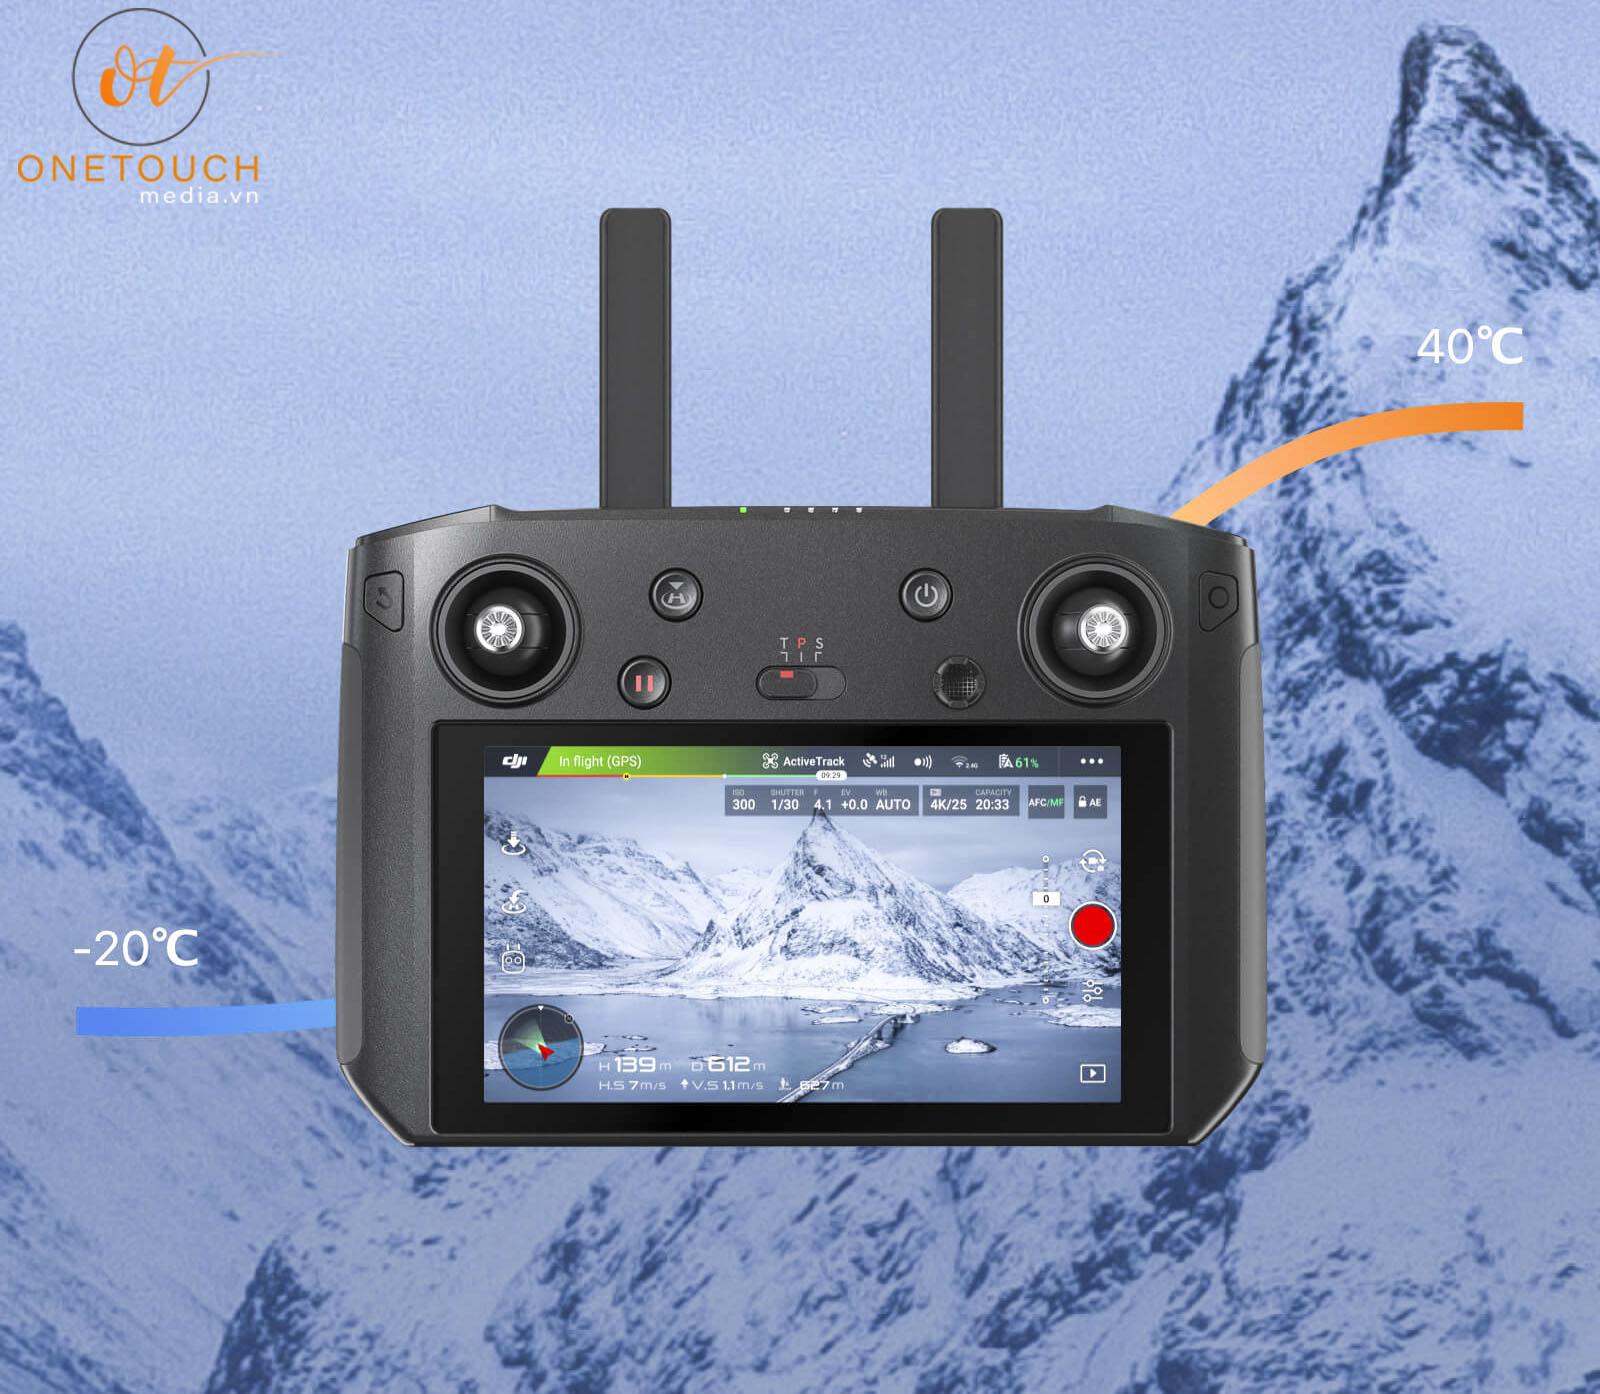 Smart Controller chịu nhiệt từ -20oC lên đến 40oC